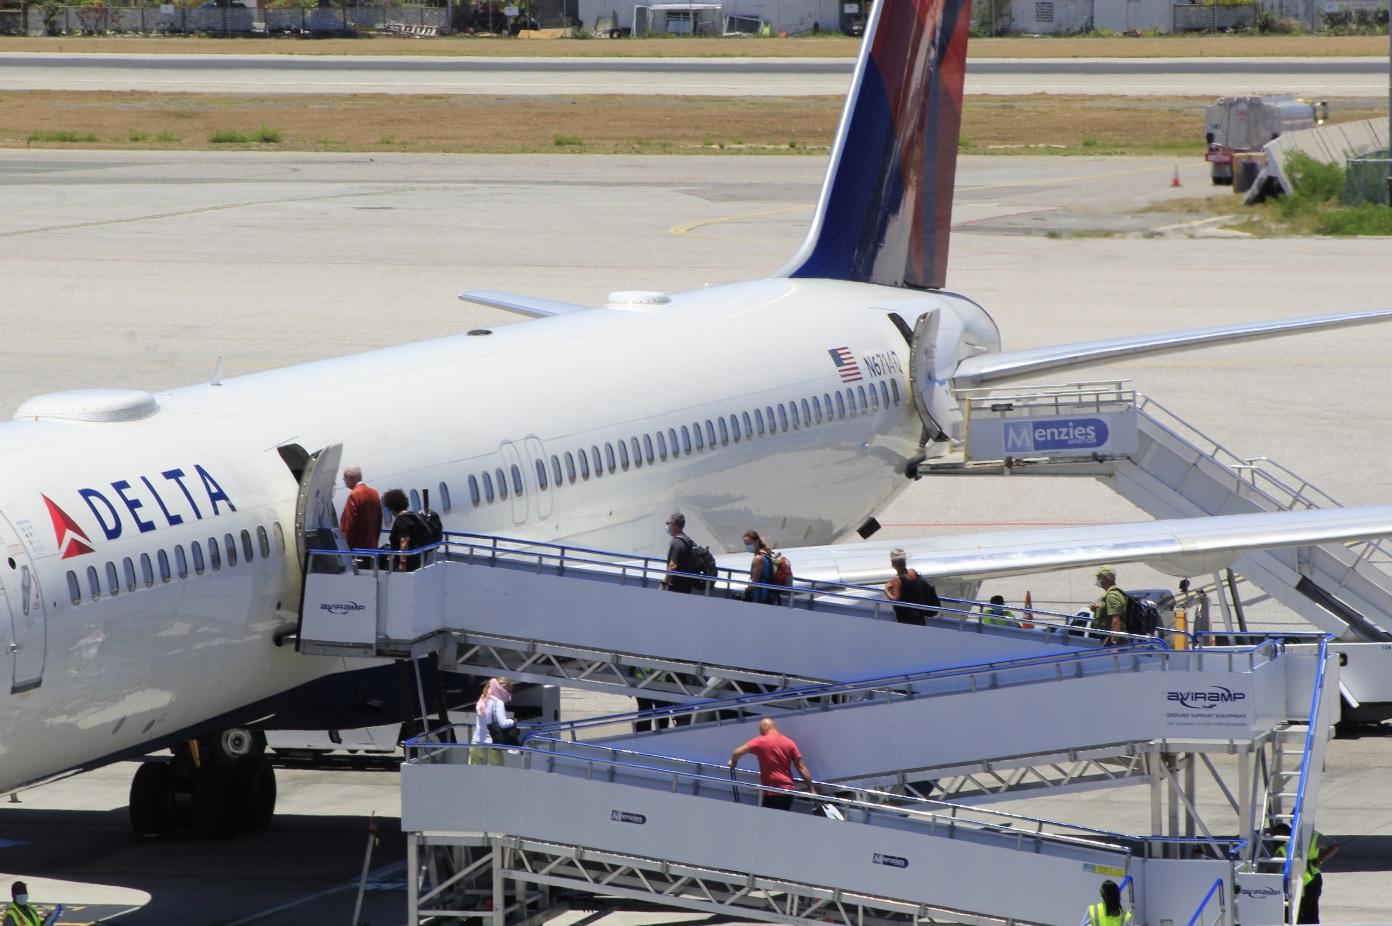 Delta Airlines Repatriation Flight Pax Boarding SXM Airport 14 May 2020